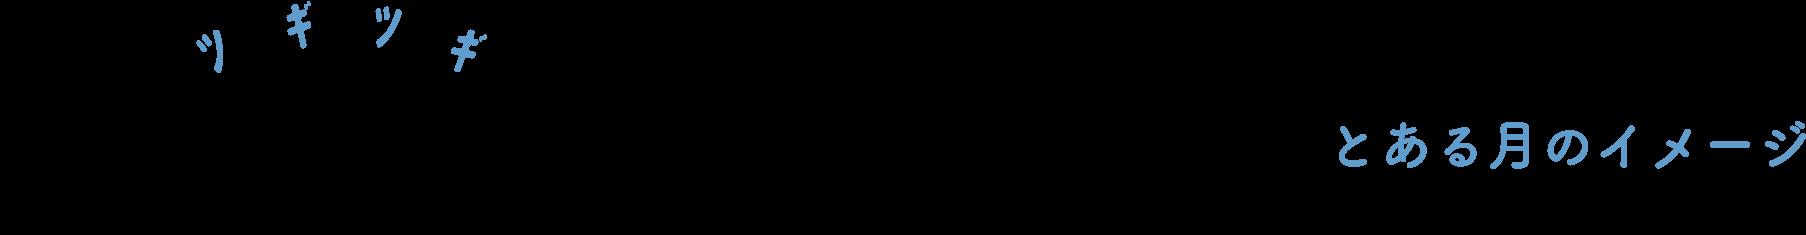 ツギツギのあるくらし とある月のイメージ